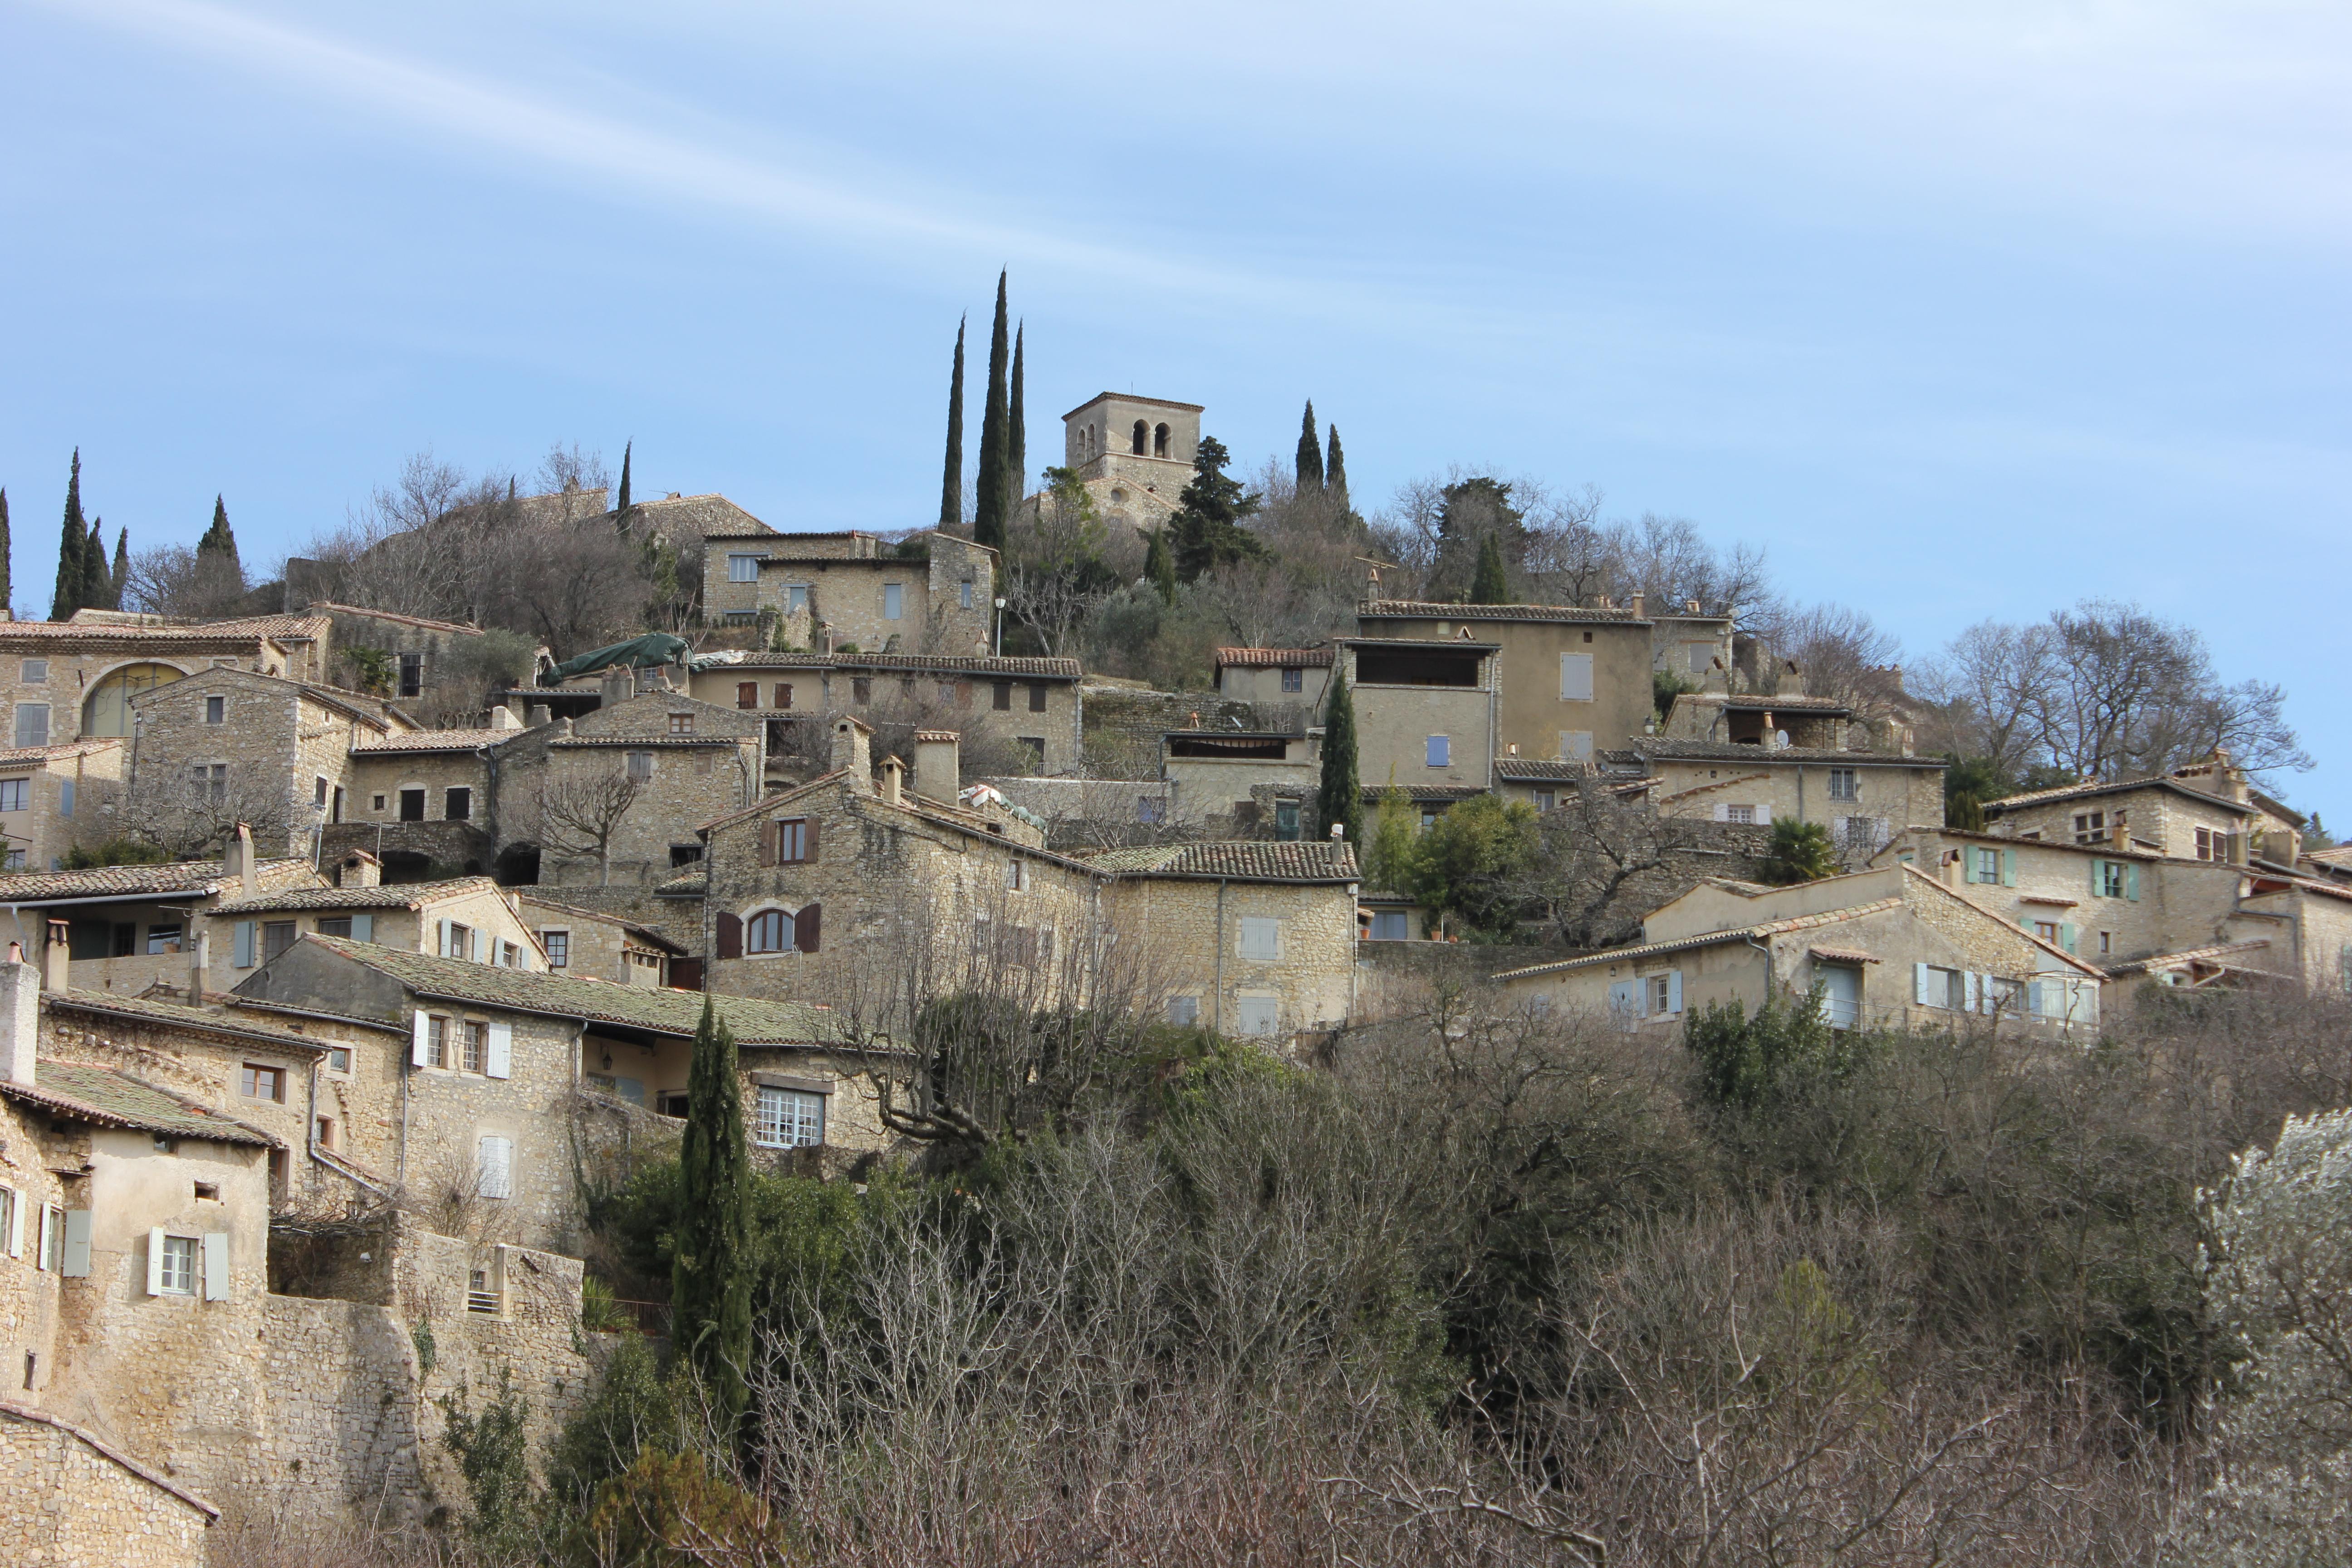 Les Plus Beaux Villages de France, Mirmande